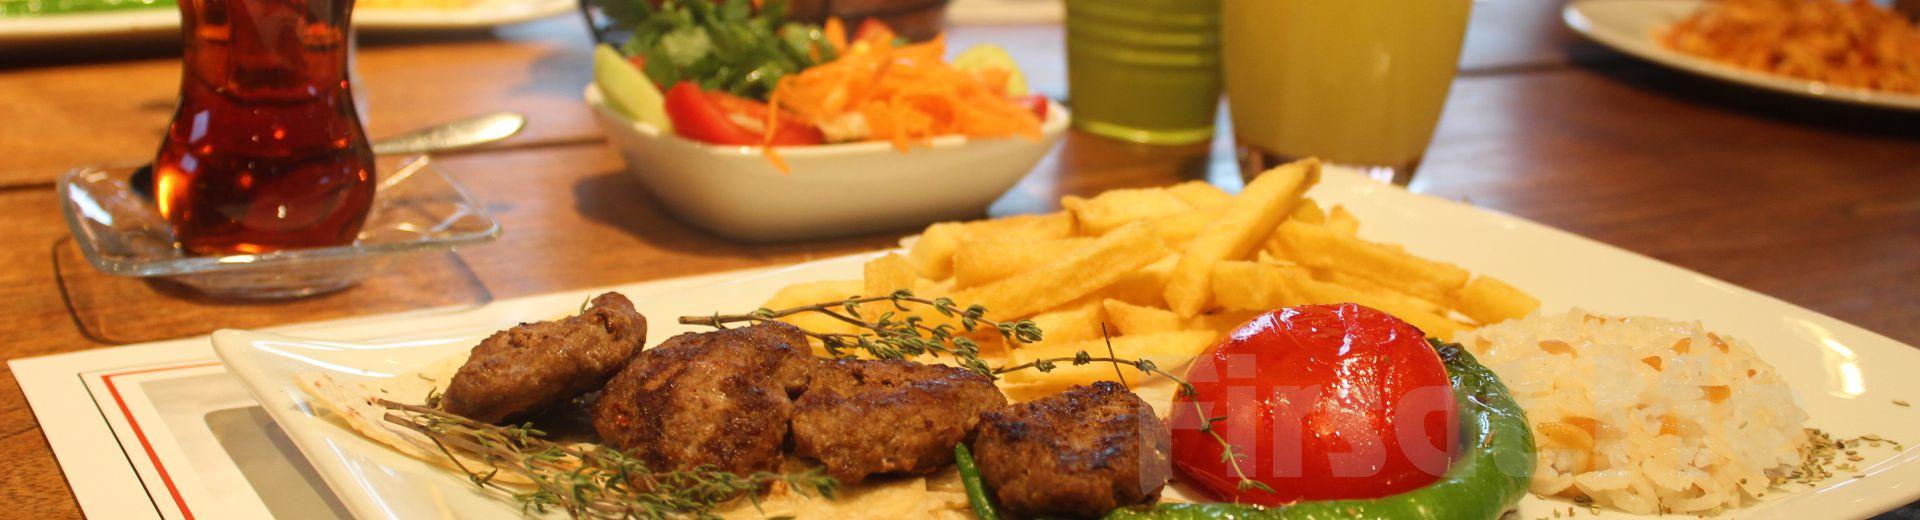 Boğaz Manzaralı Üsküdar Askadar Restaurant'ta Enfes Yemek Menüleri Fırsatı!